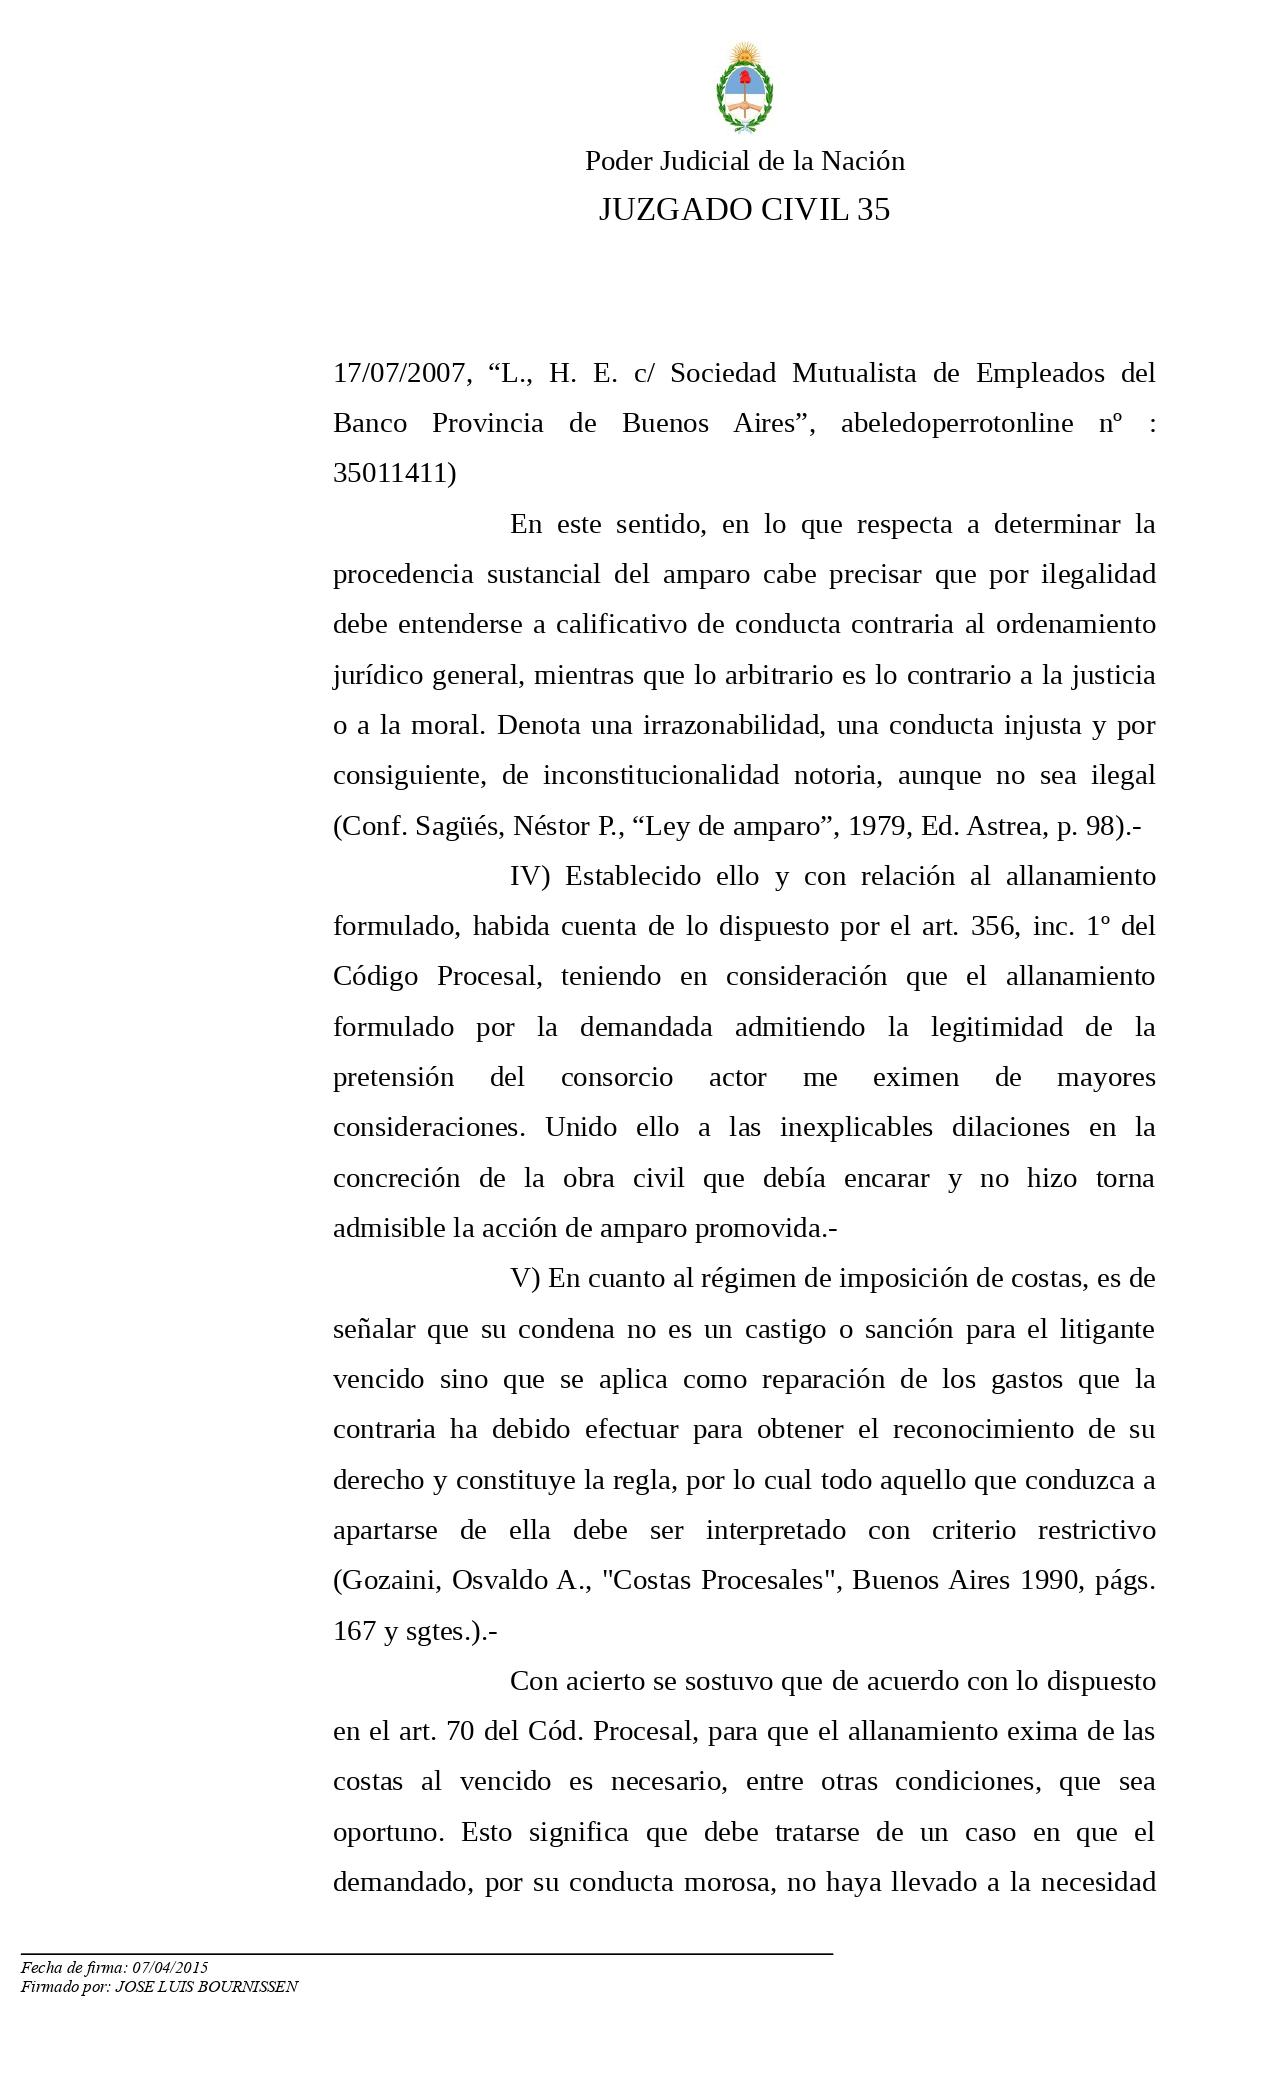 """""""ROTSTEIN, Elena Fanny c/ CONSORCIO DE PROPIETARIOS VIDAL 2375 s/Amparo""""."""